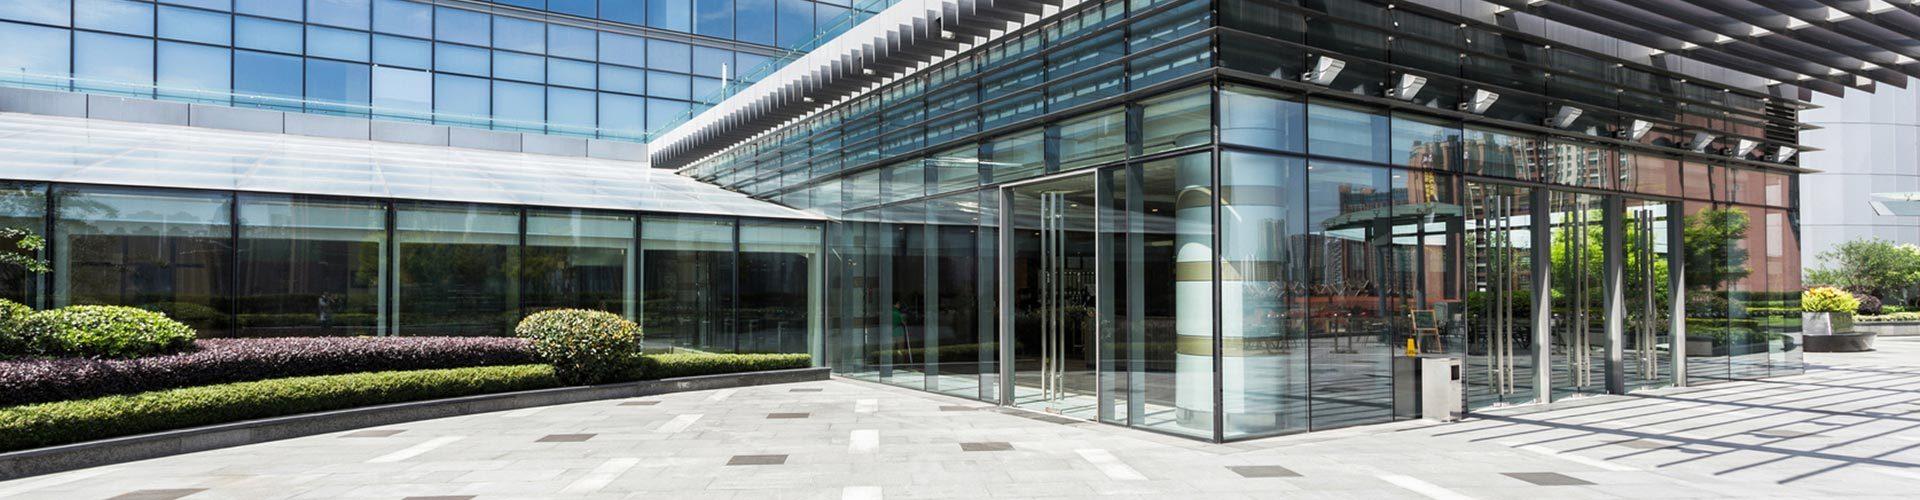 Saubere Fenster an einem Bürogebäude